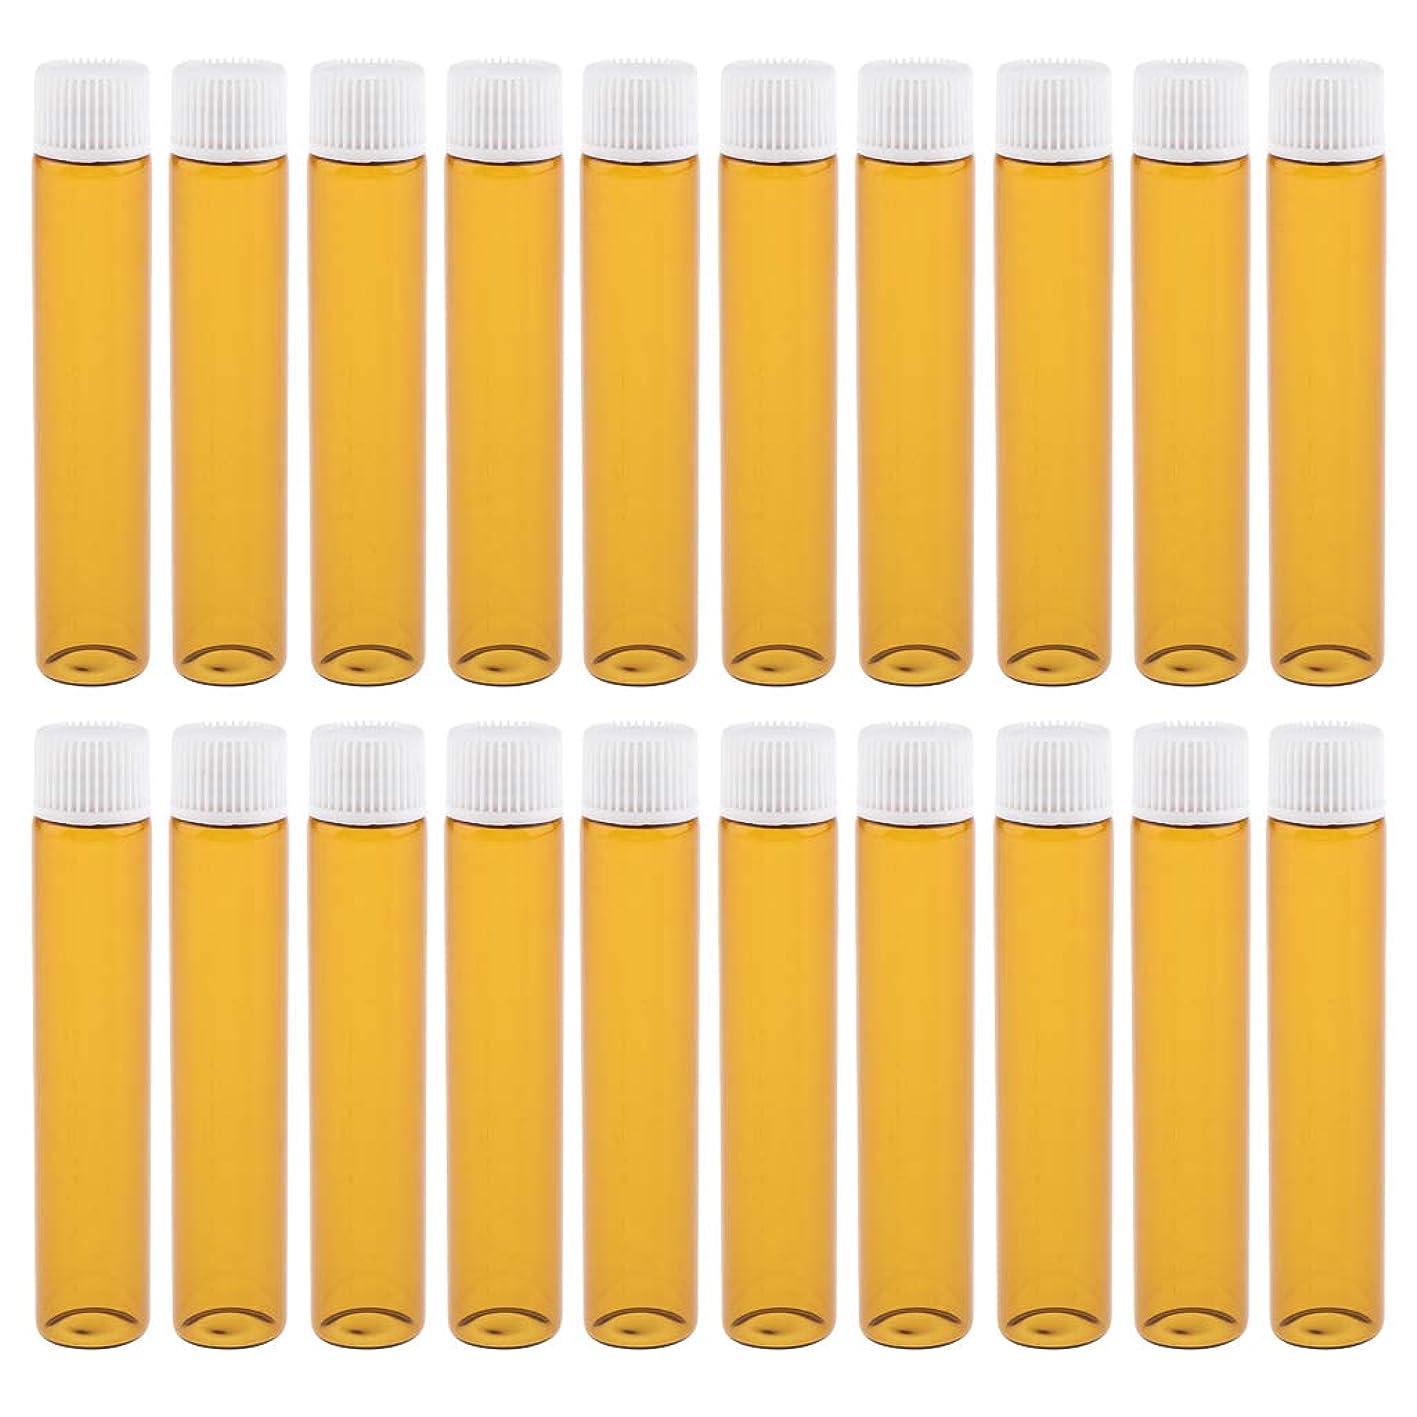 第五全くスナップgazechimp 20点 詰め替え式 ガラス瓶 エッセンシャルオイルボトル 香水ボトル アイクリームボトル 4カラー - トーニーホワイト